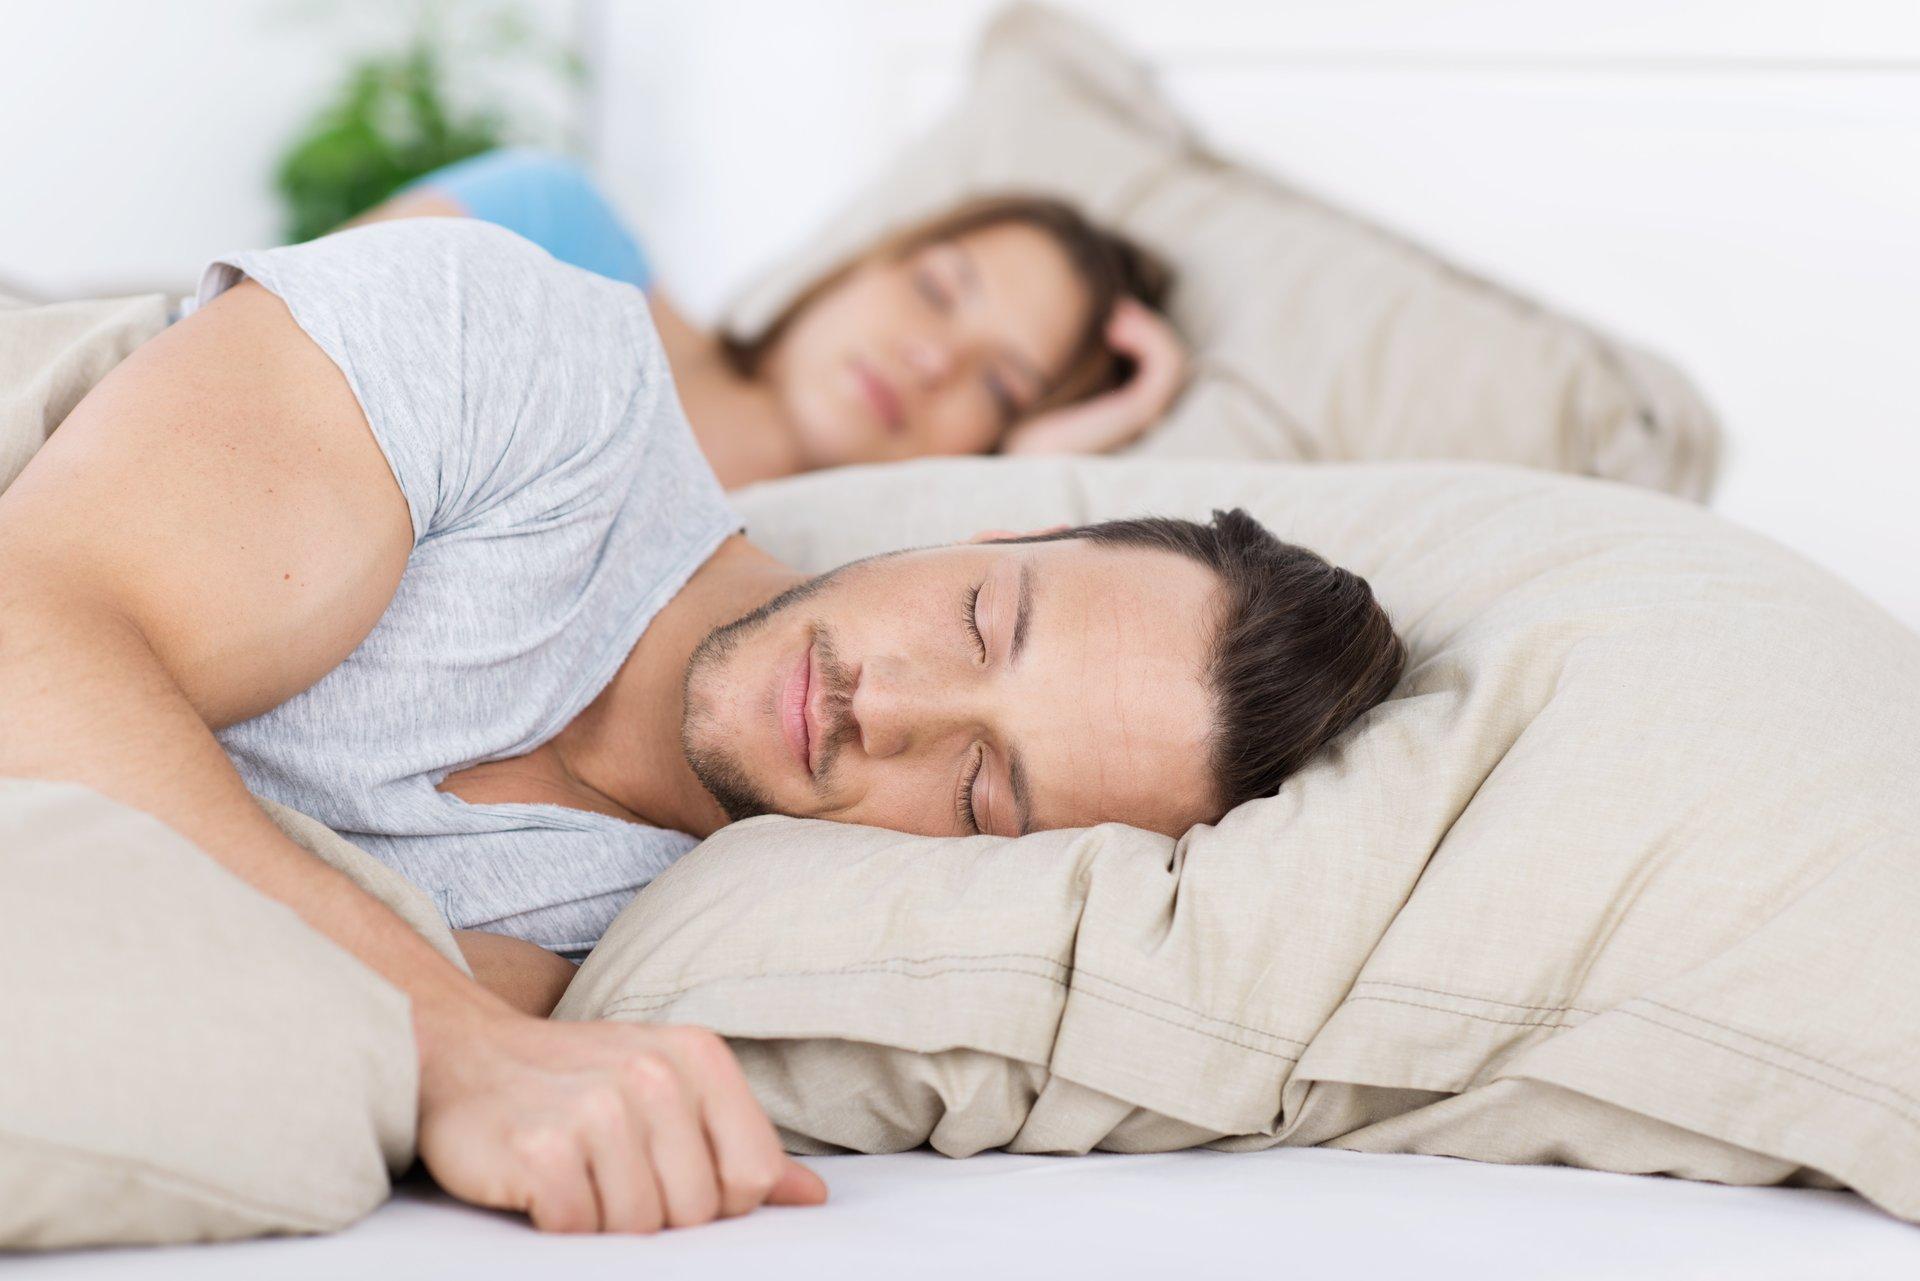 uomo e donna mentre dormono